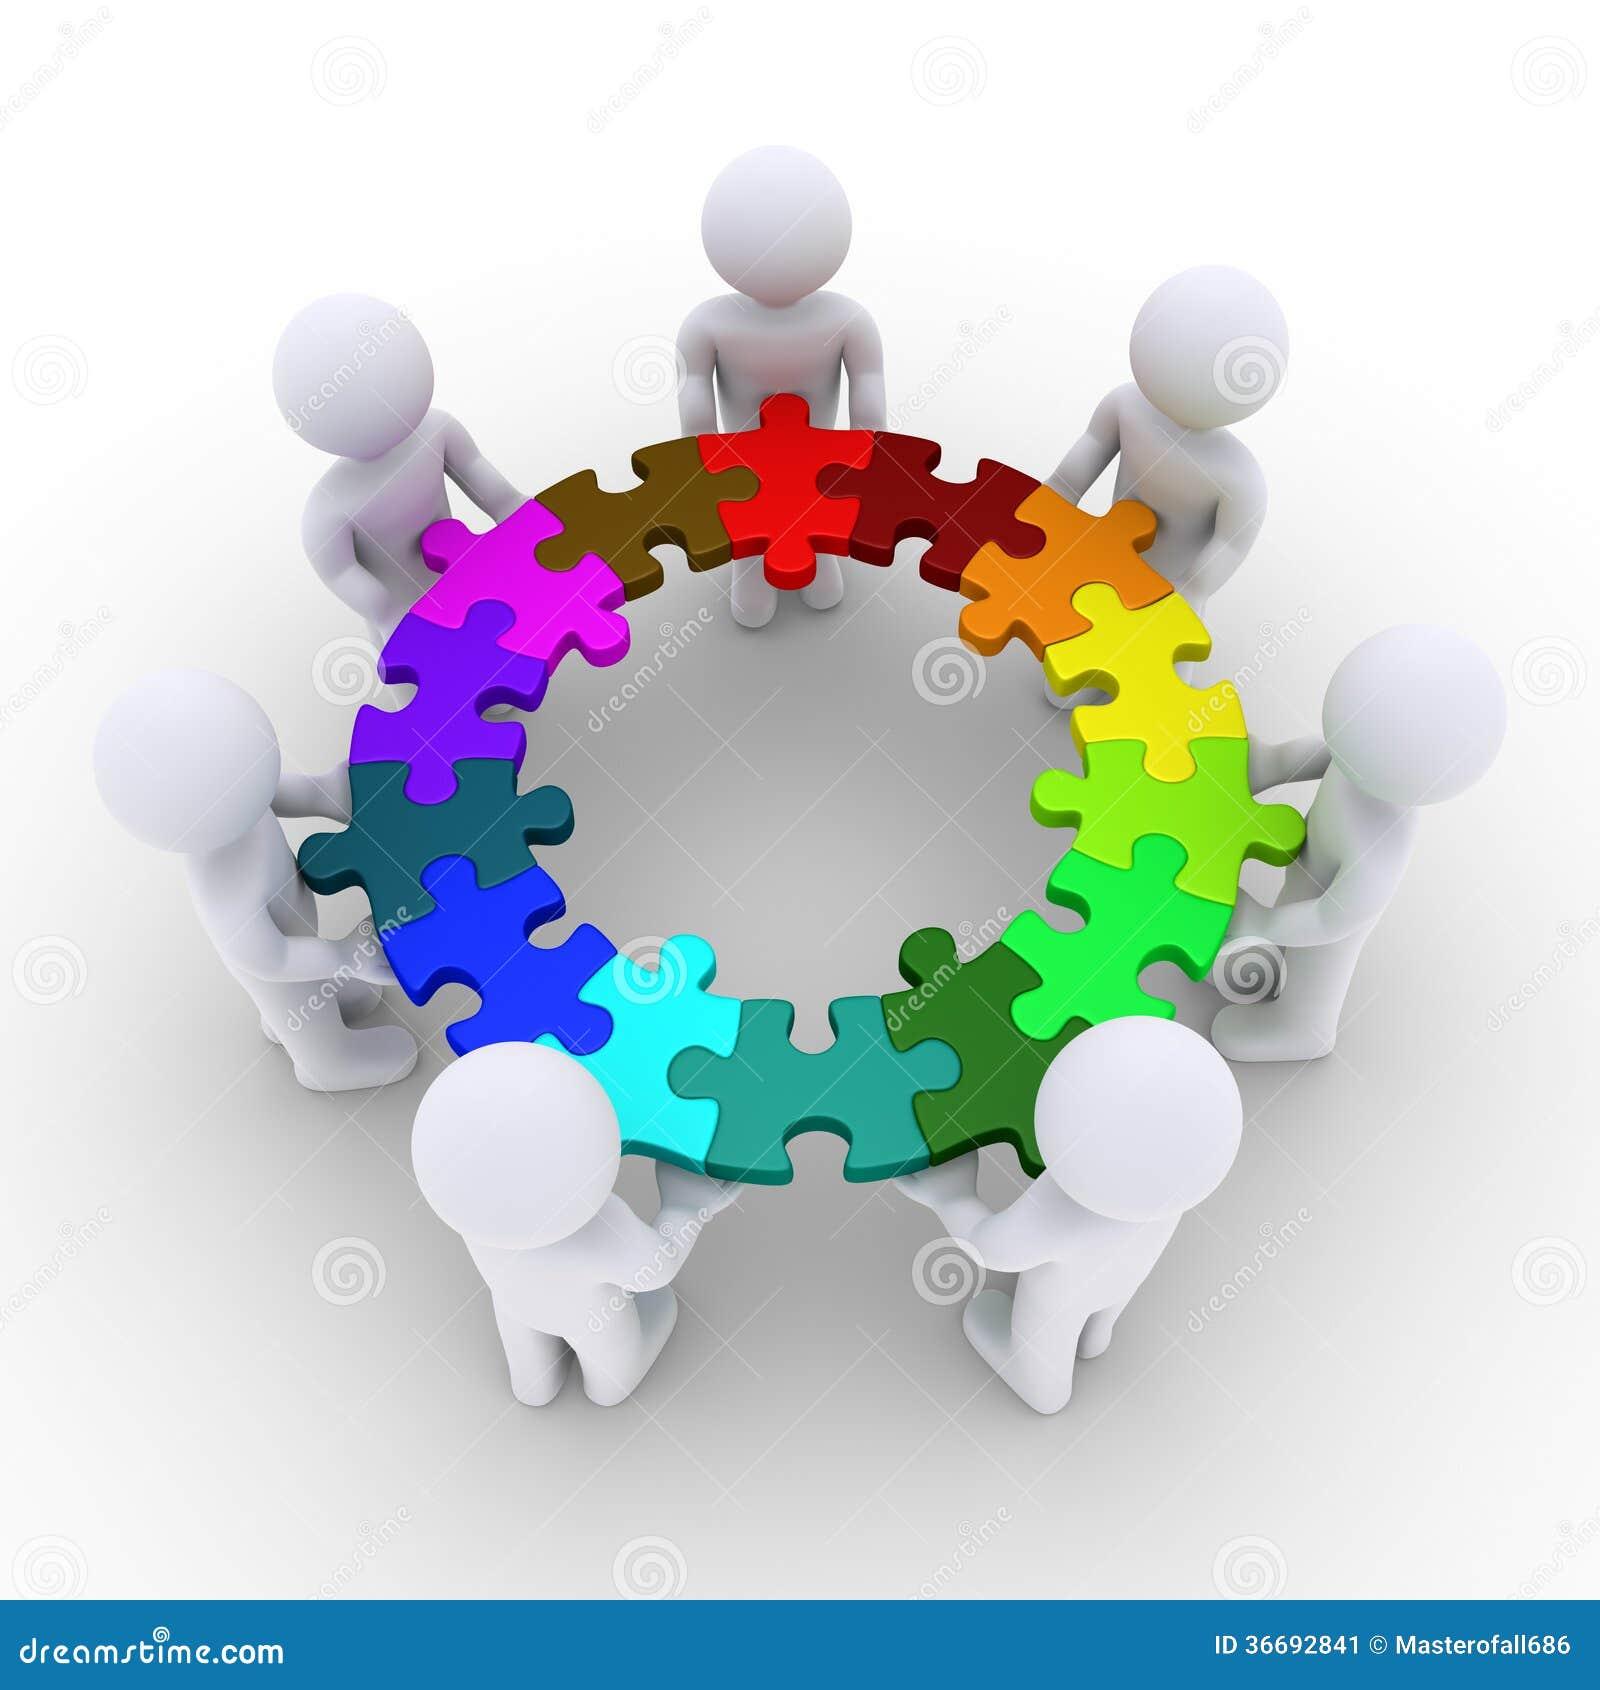 Die Leute, die Puzzlespielstücke halten, schlossen in einem Kreis an